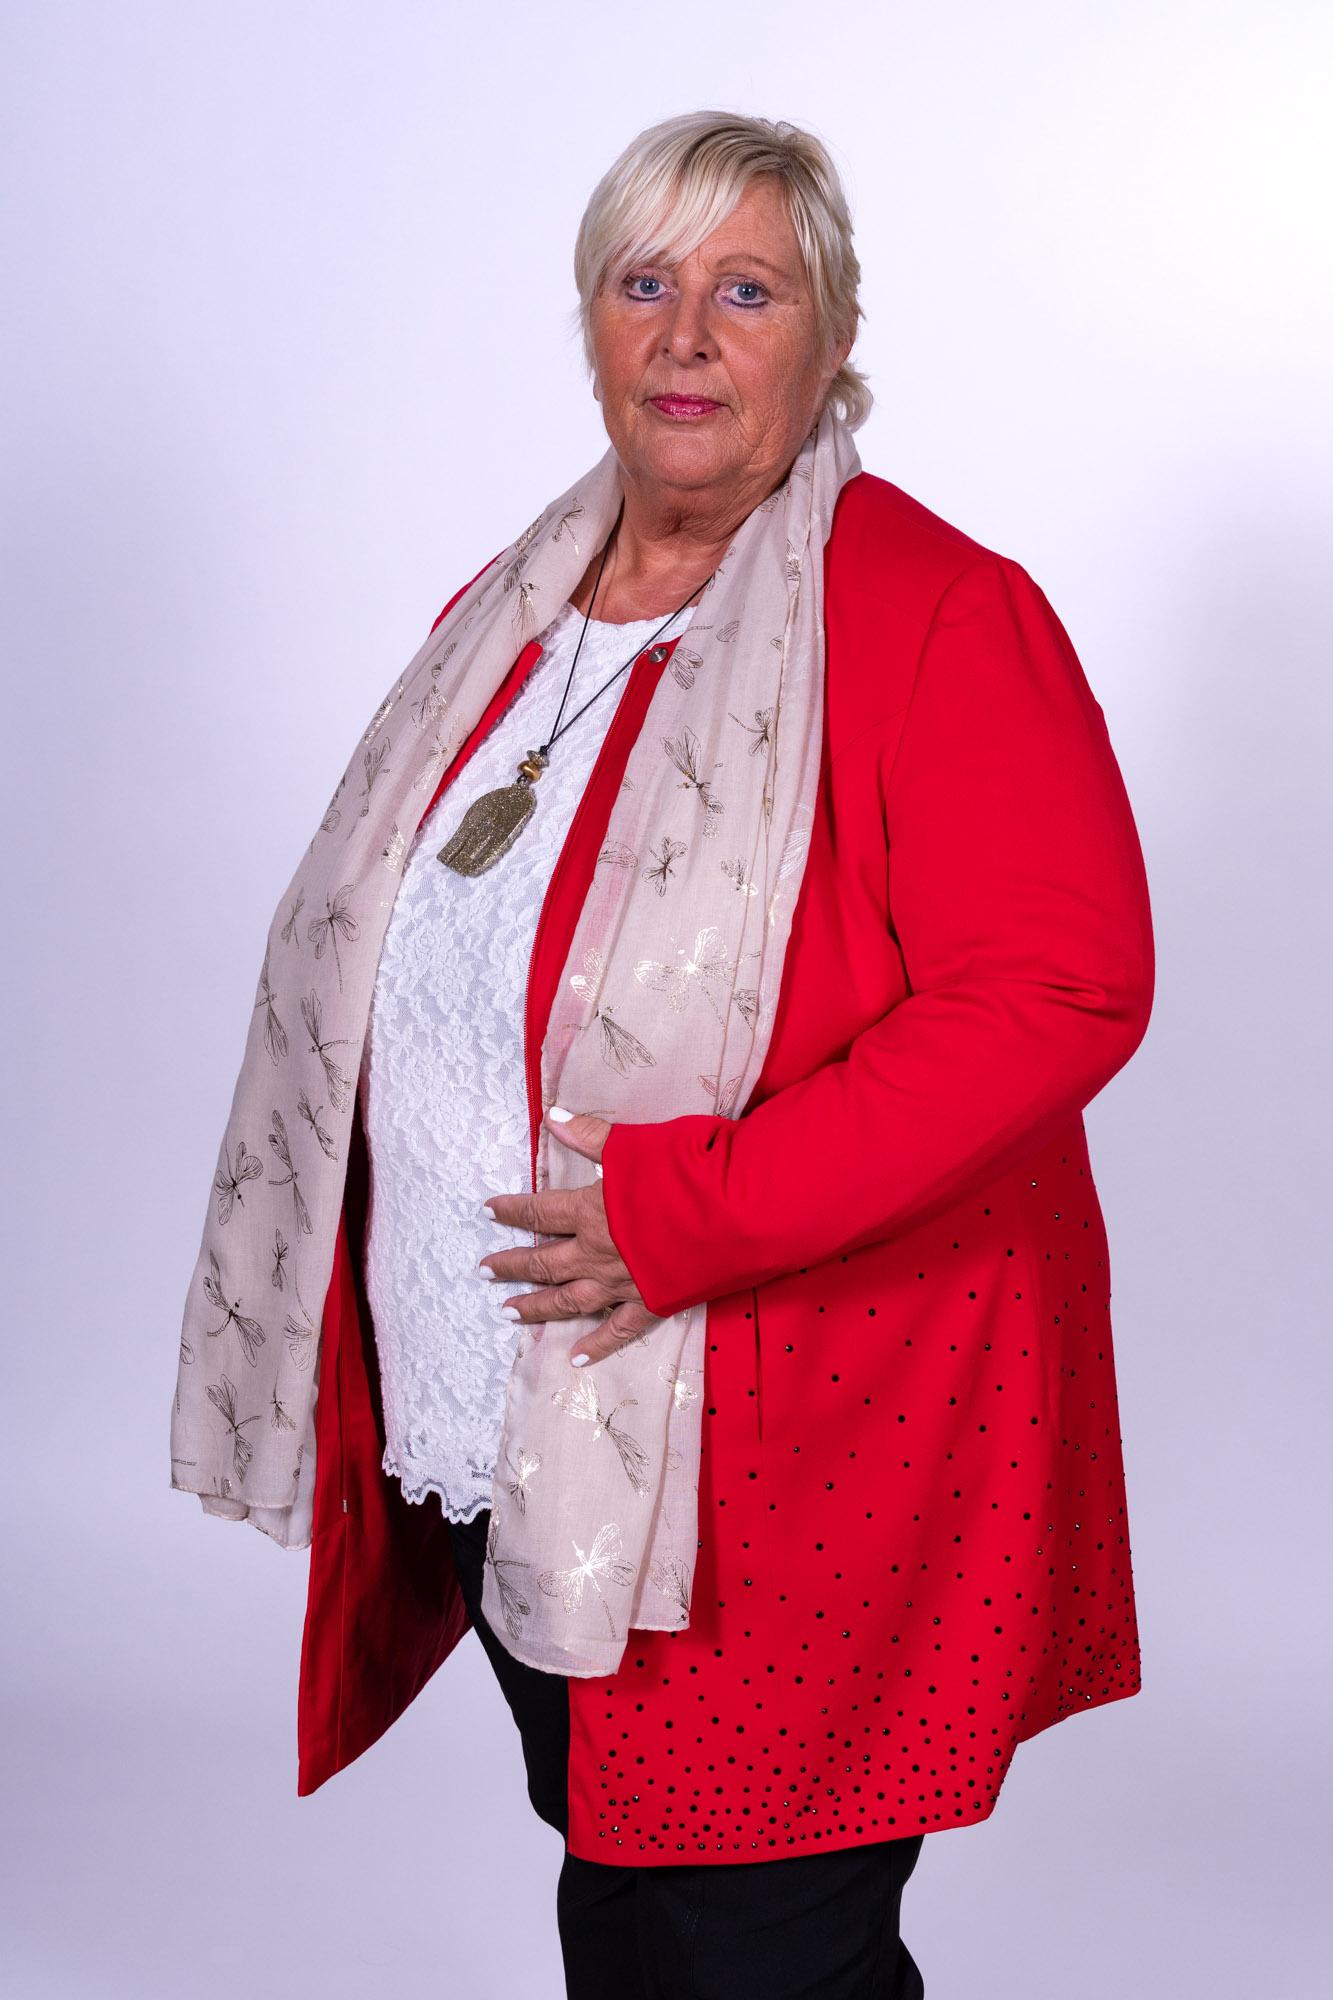 Paula Sonnen